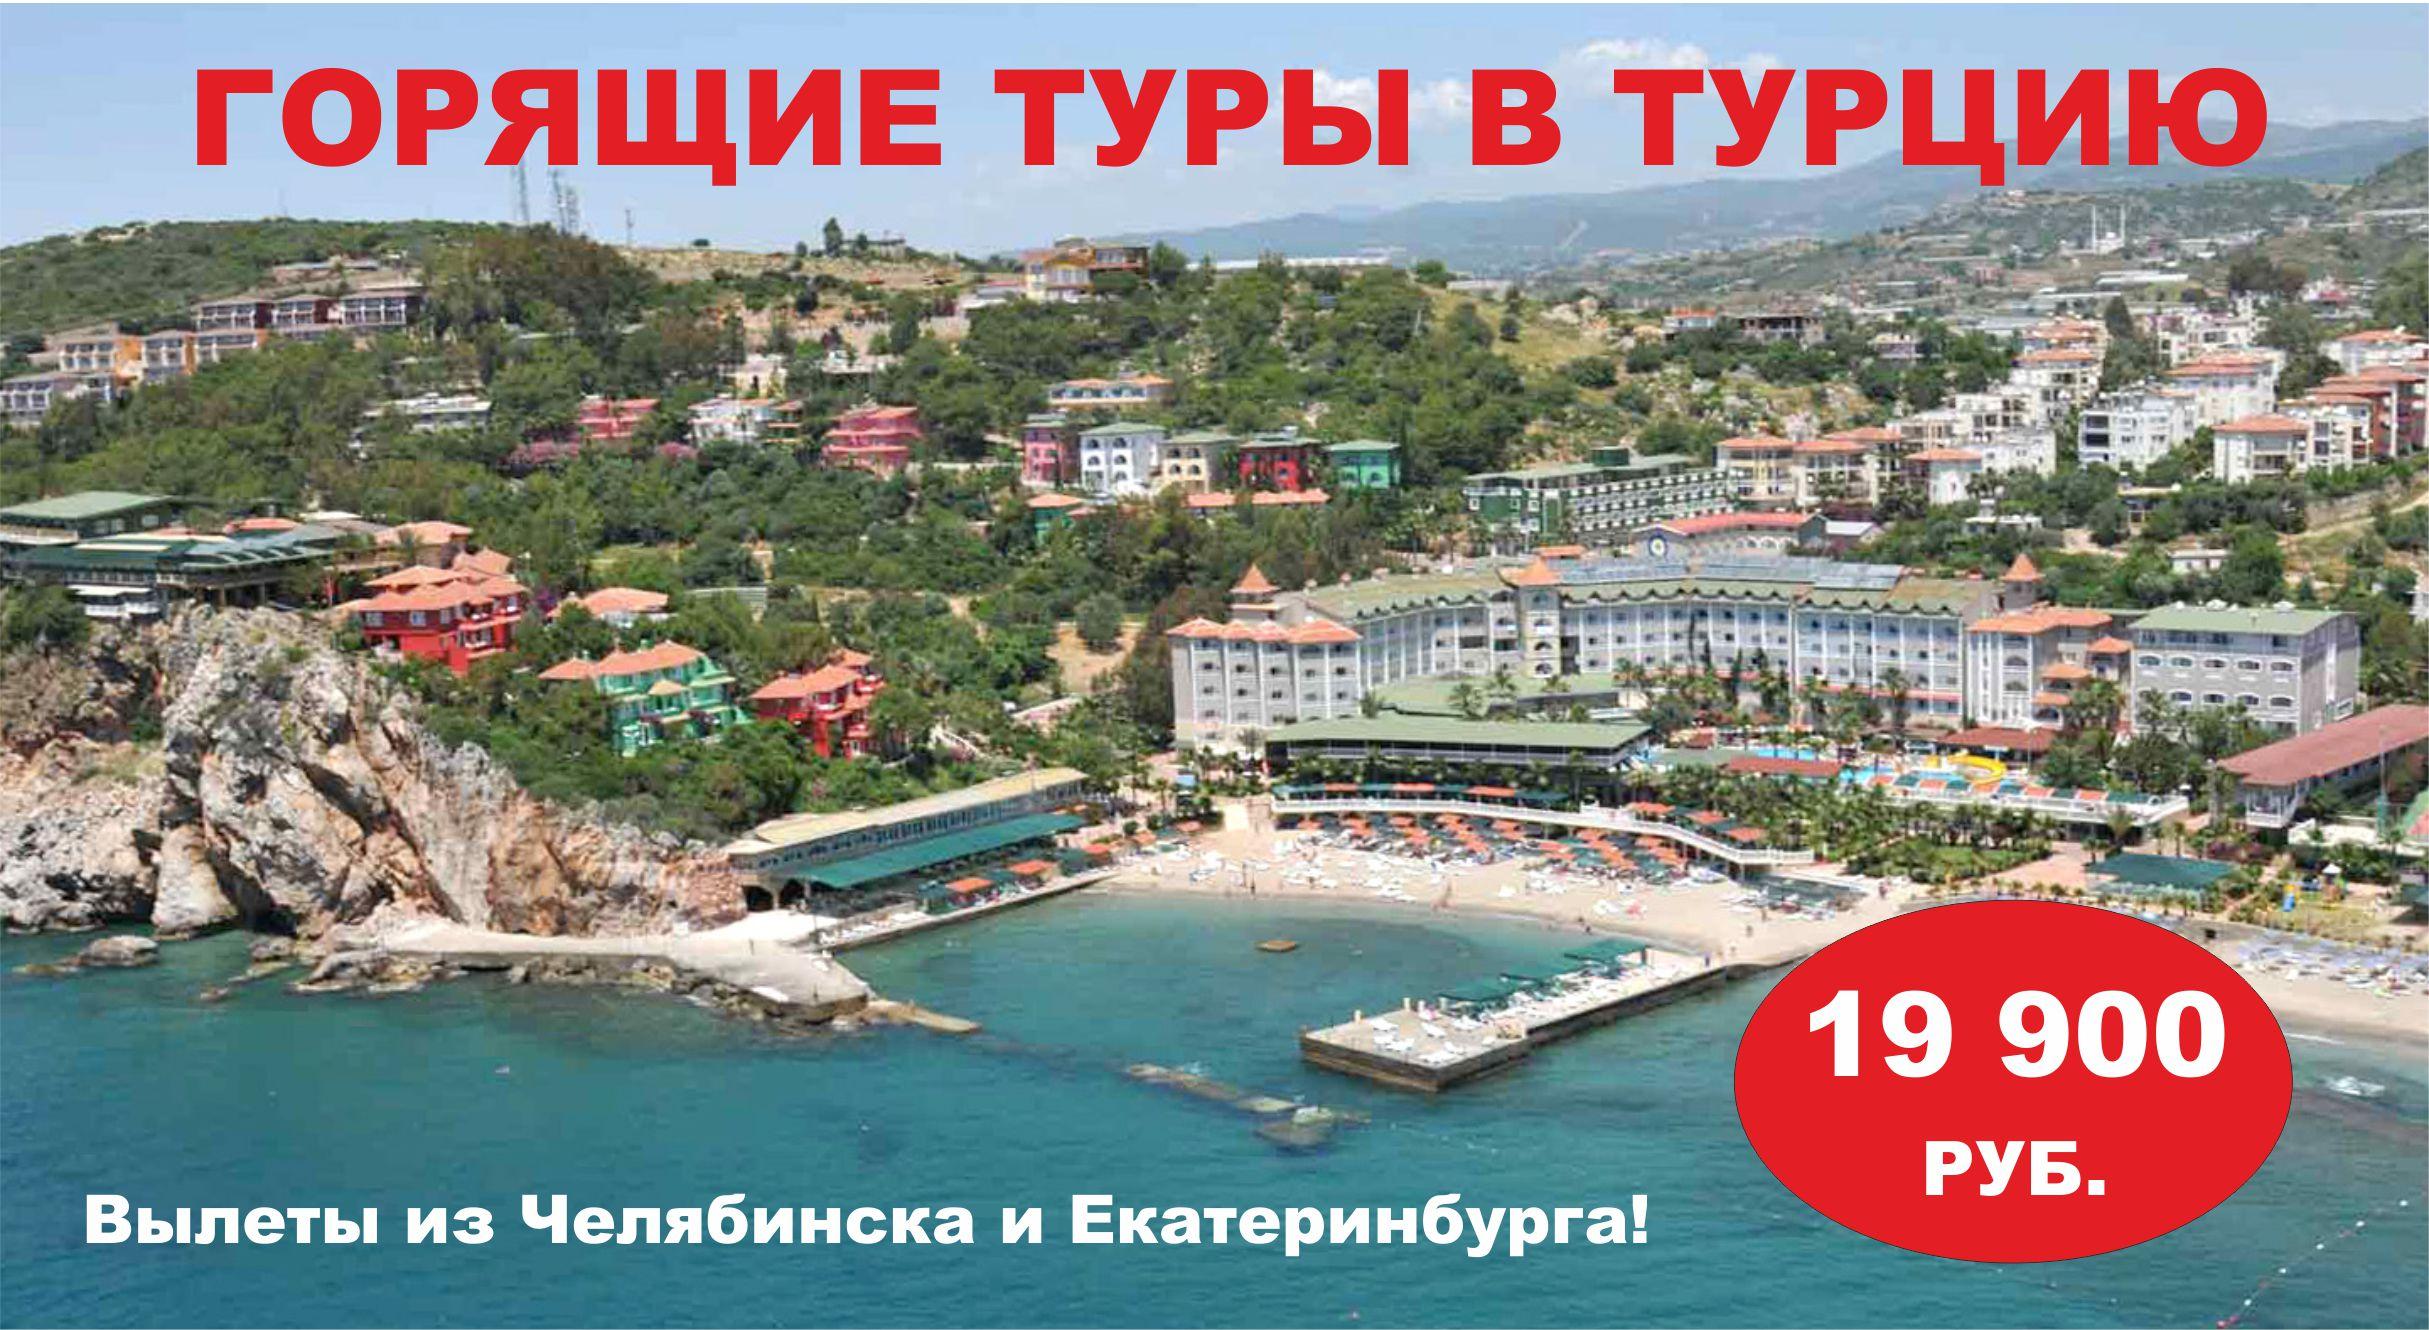 tur v turciju antalya 22 030 rub chel - Тур в Турцию Анталья 22 030 руб. чел.